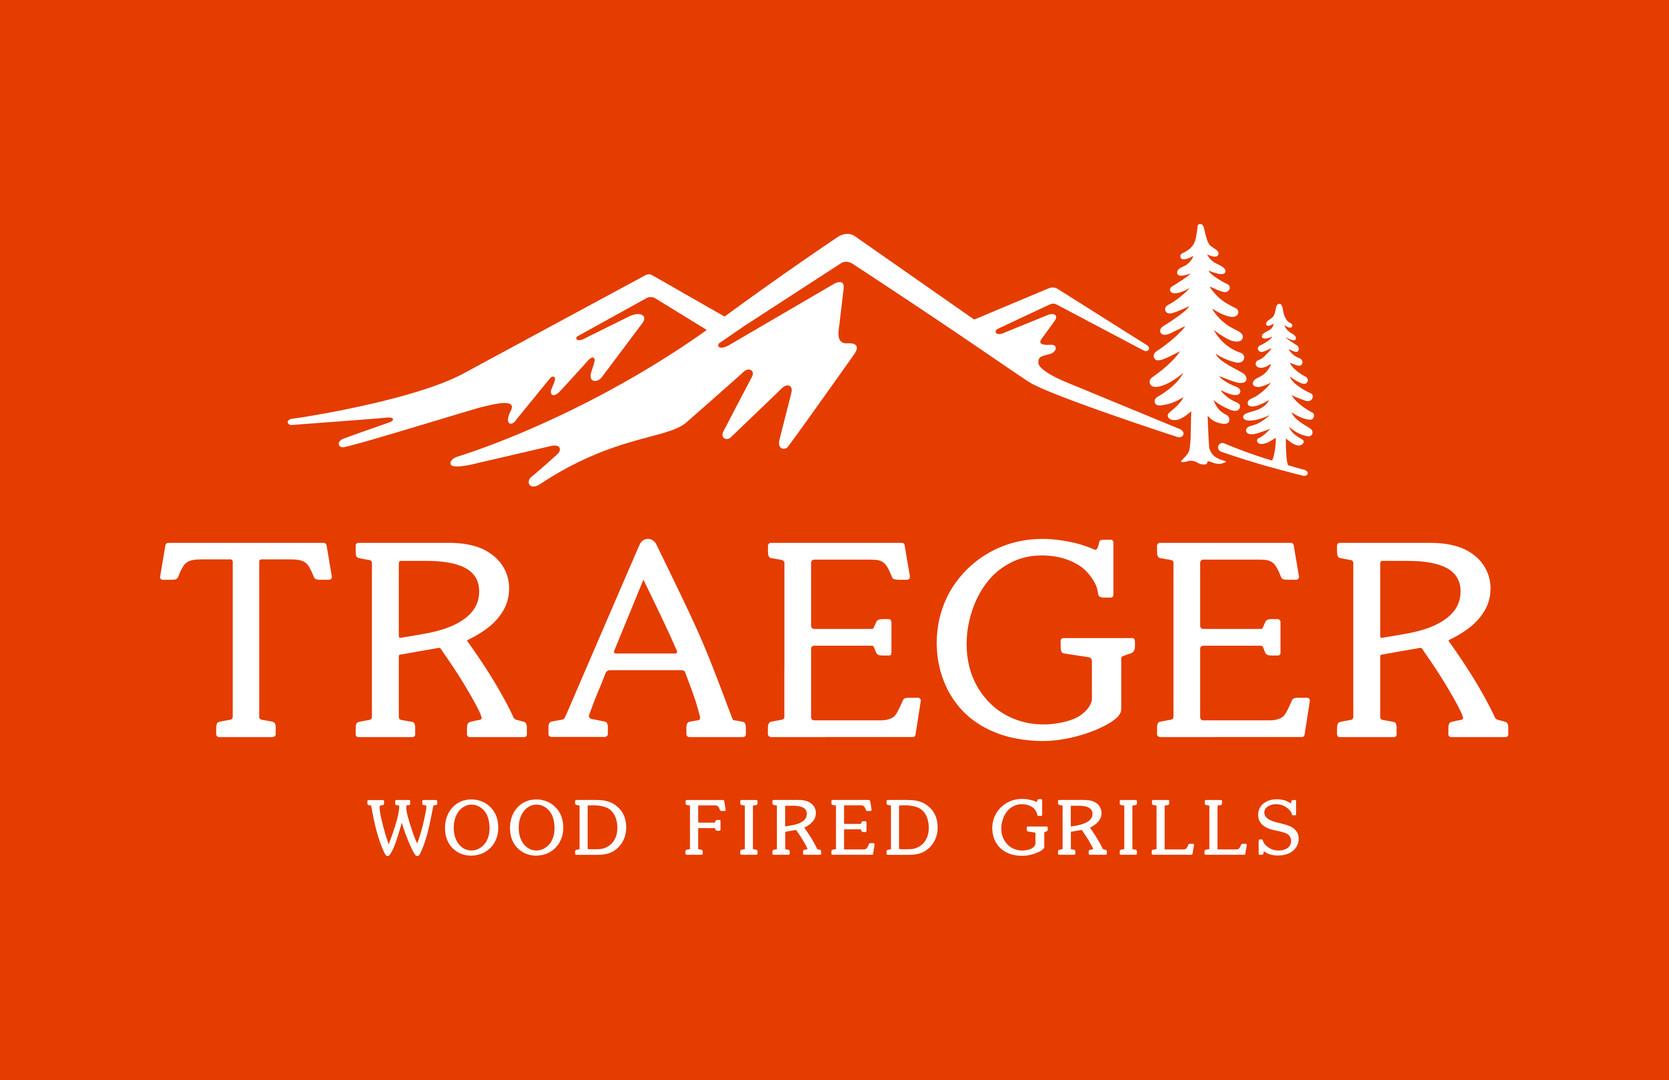 BF-Logos_Traeger Logo White on Orange_Tr